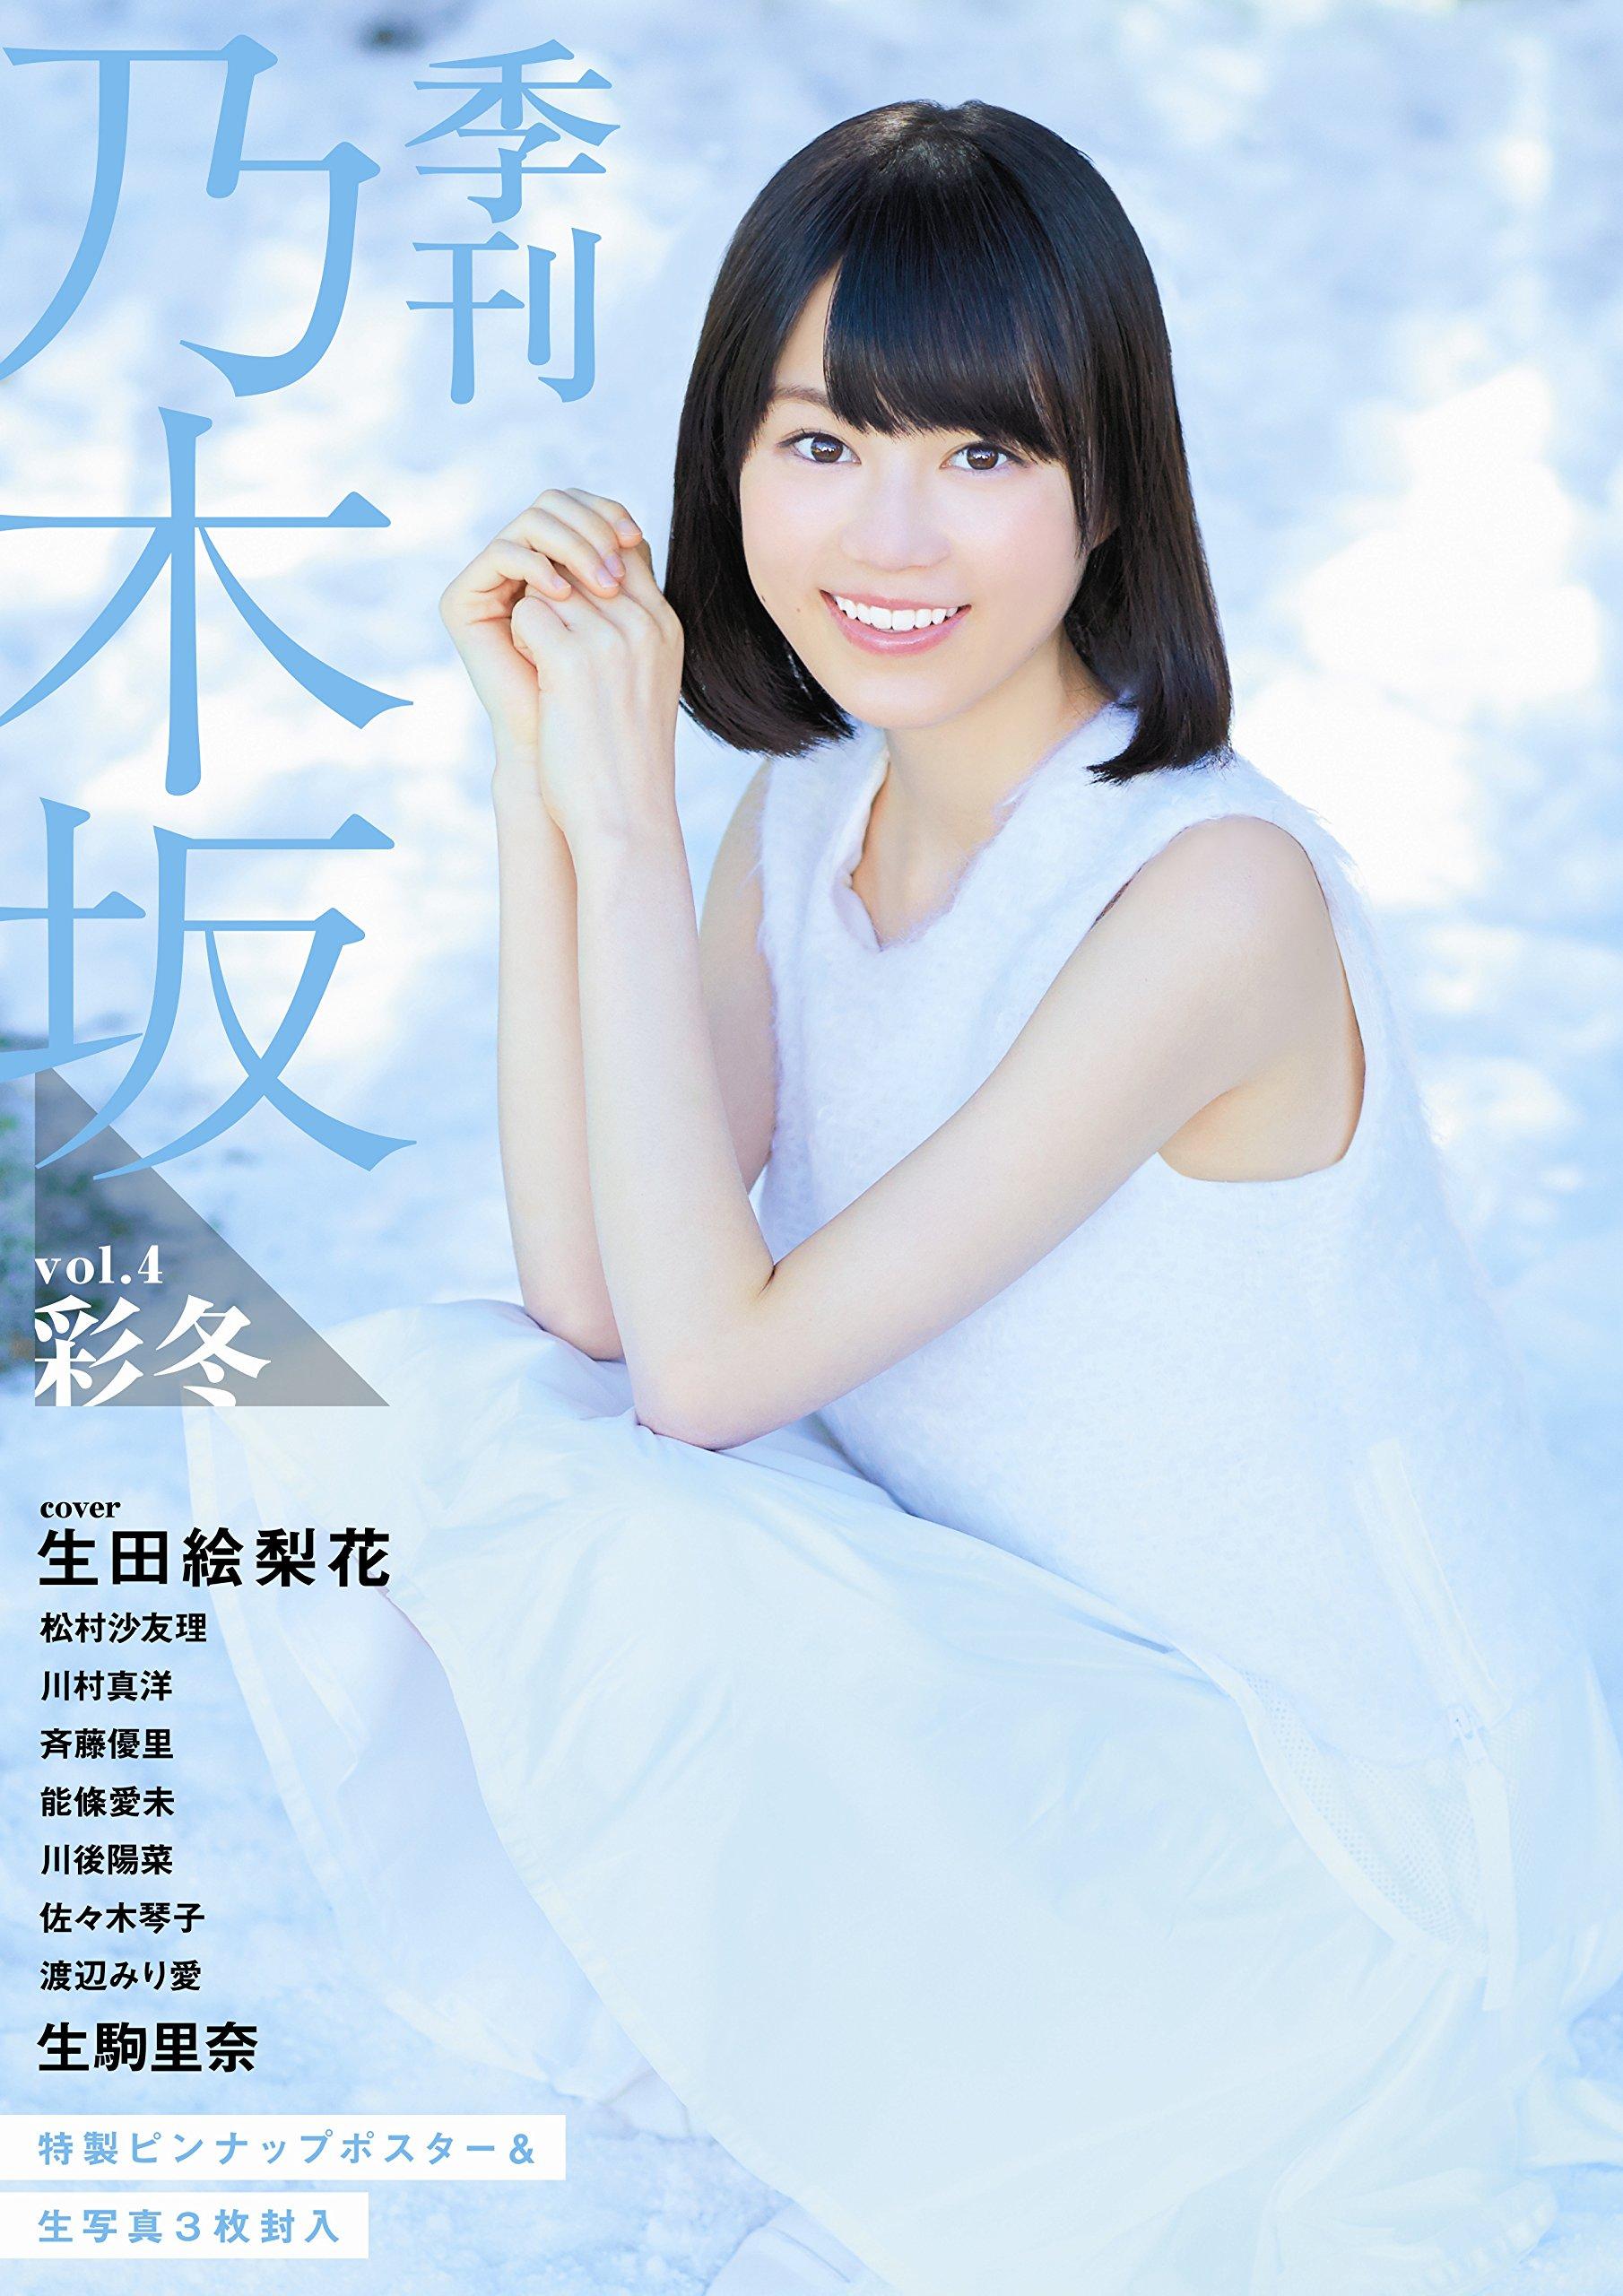 乃木坂46 季刊乃木坂 vol.4 彩冬